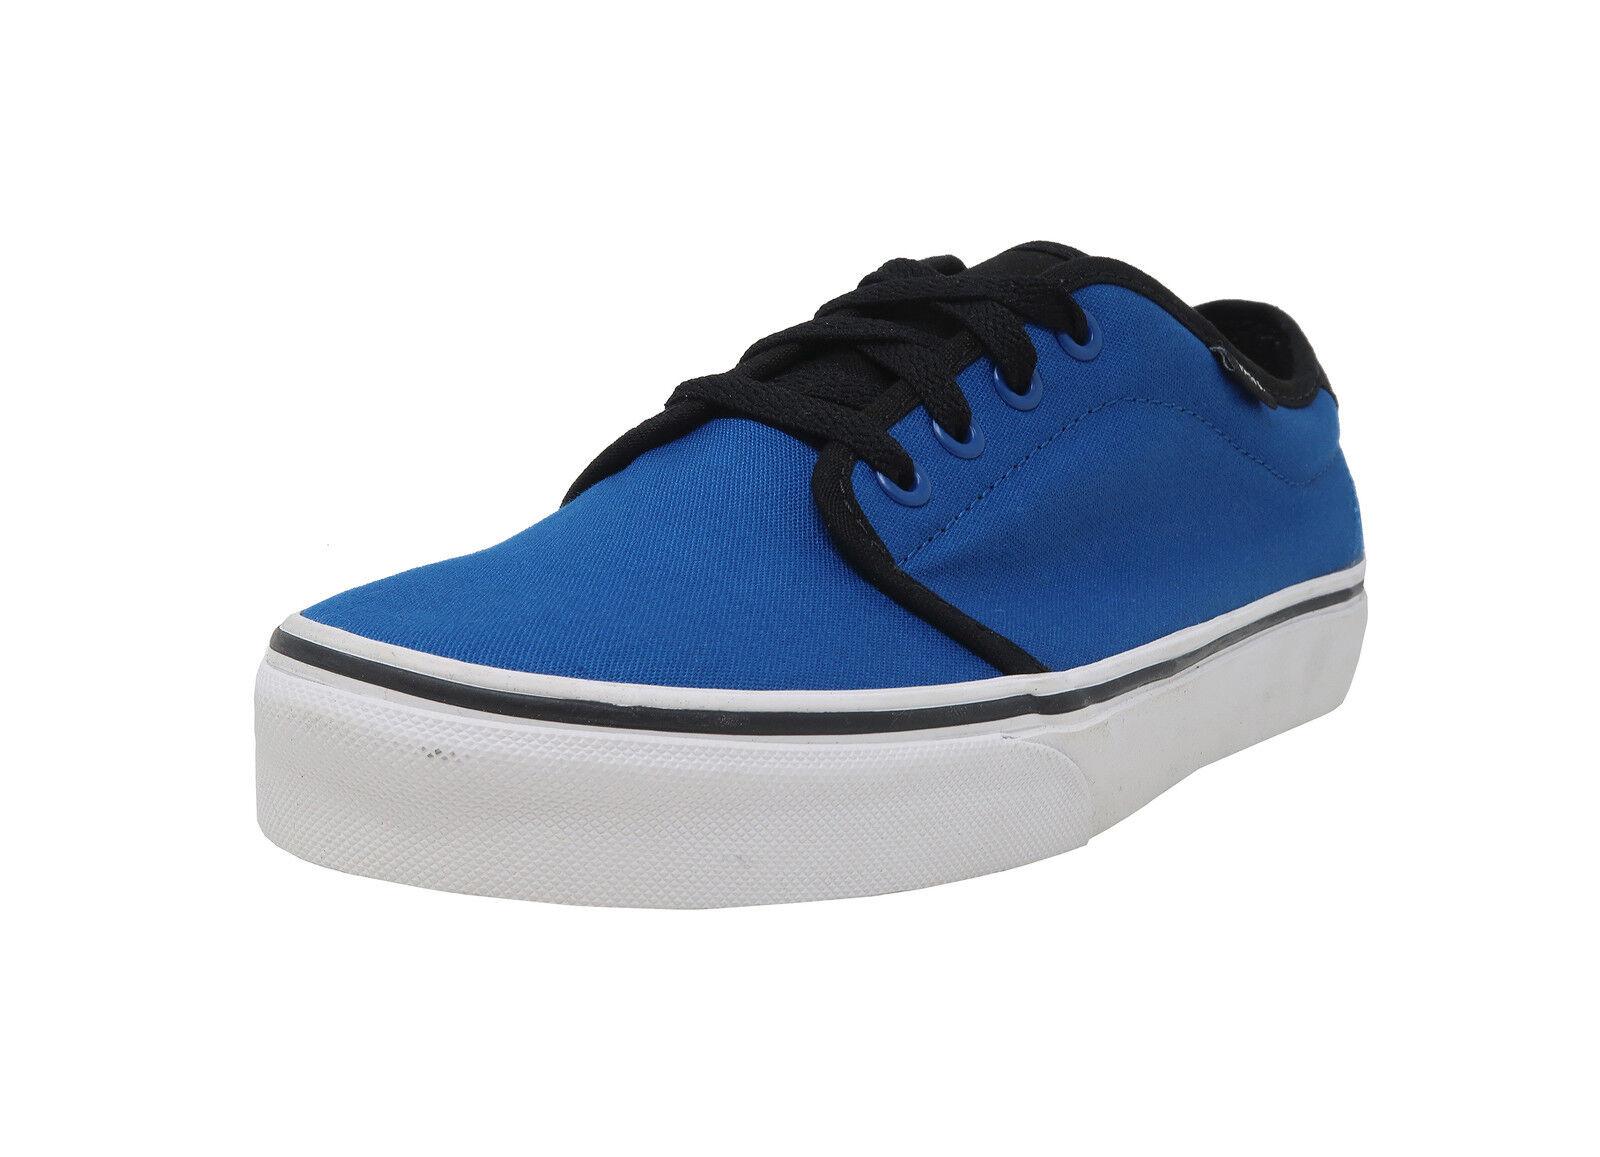 VANS 159 Vulcanized Snorkel bluee Black White Lace Up Canvas Athletic Men shoes